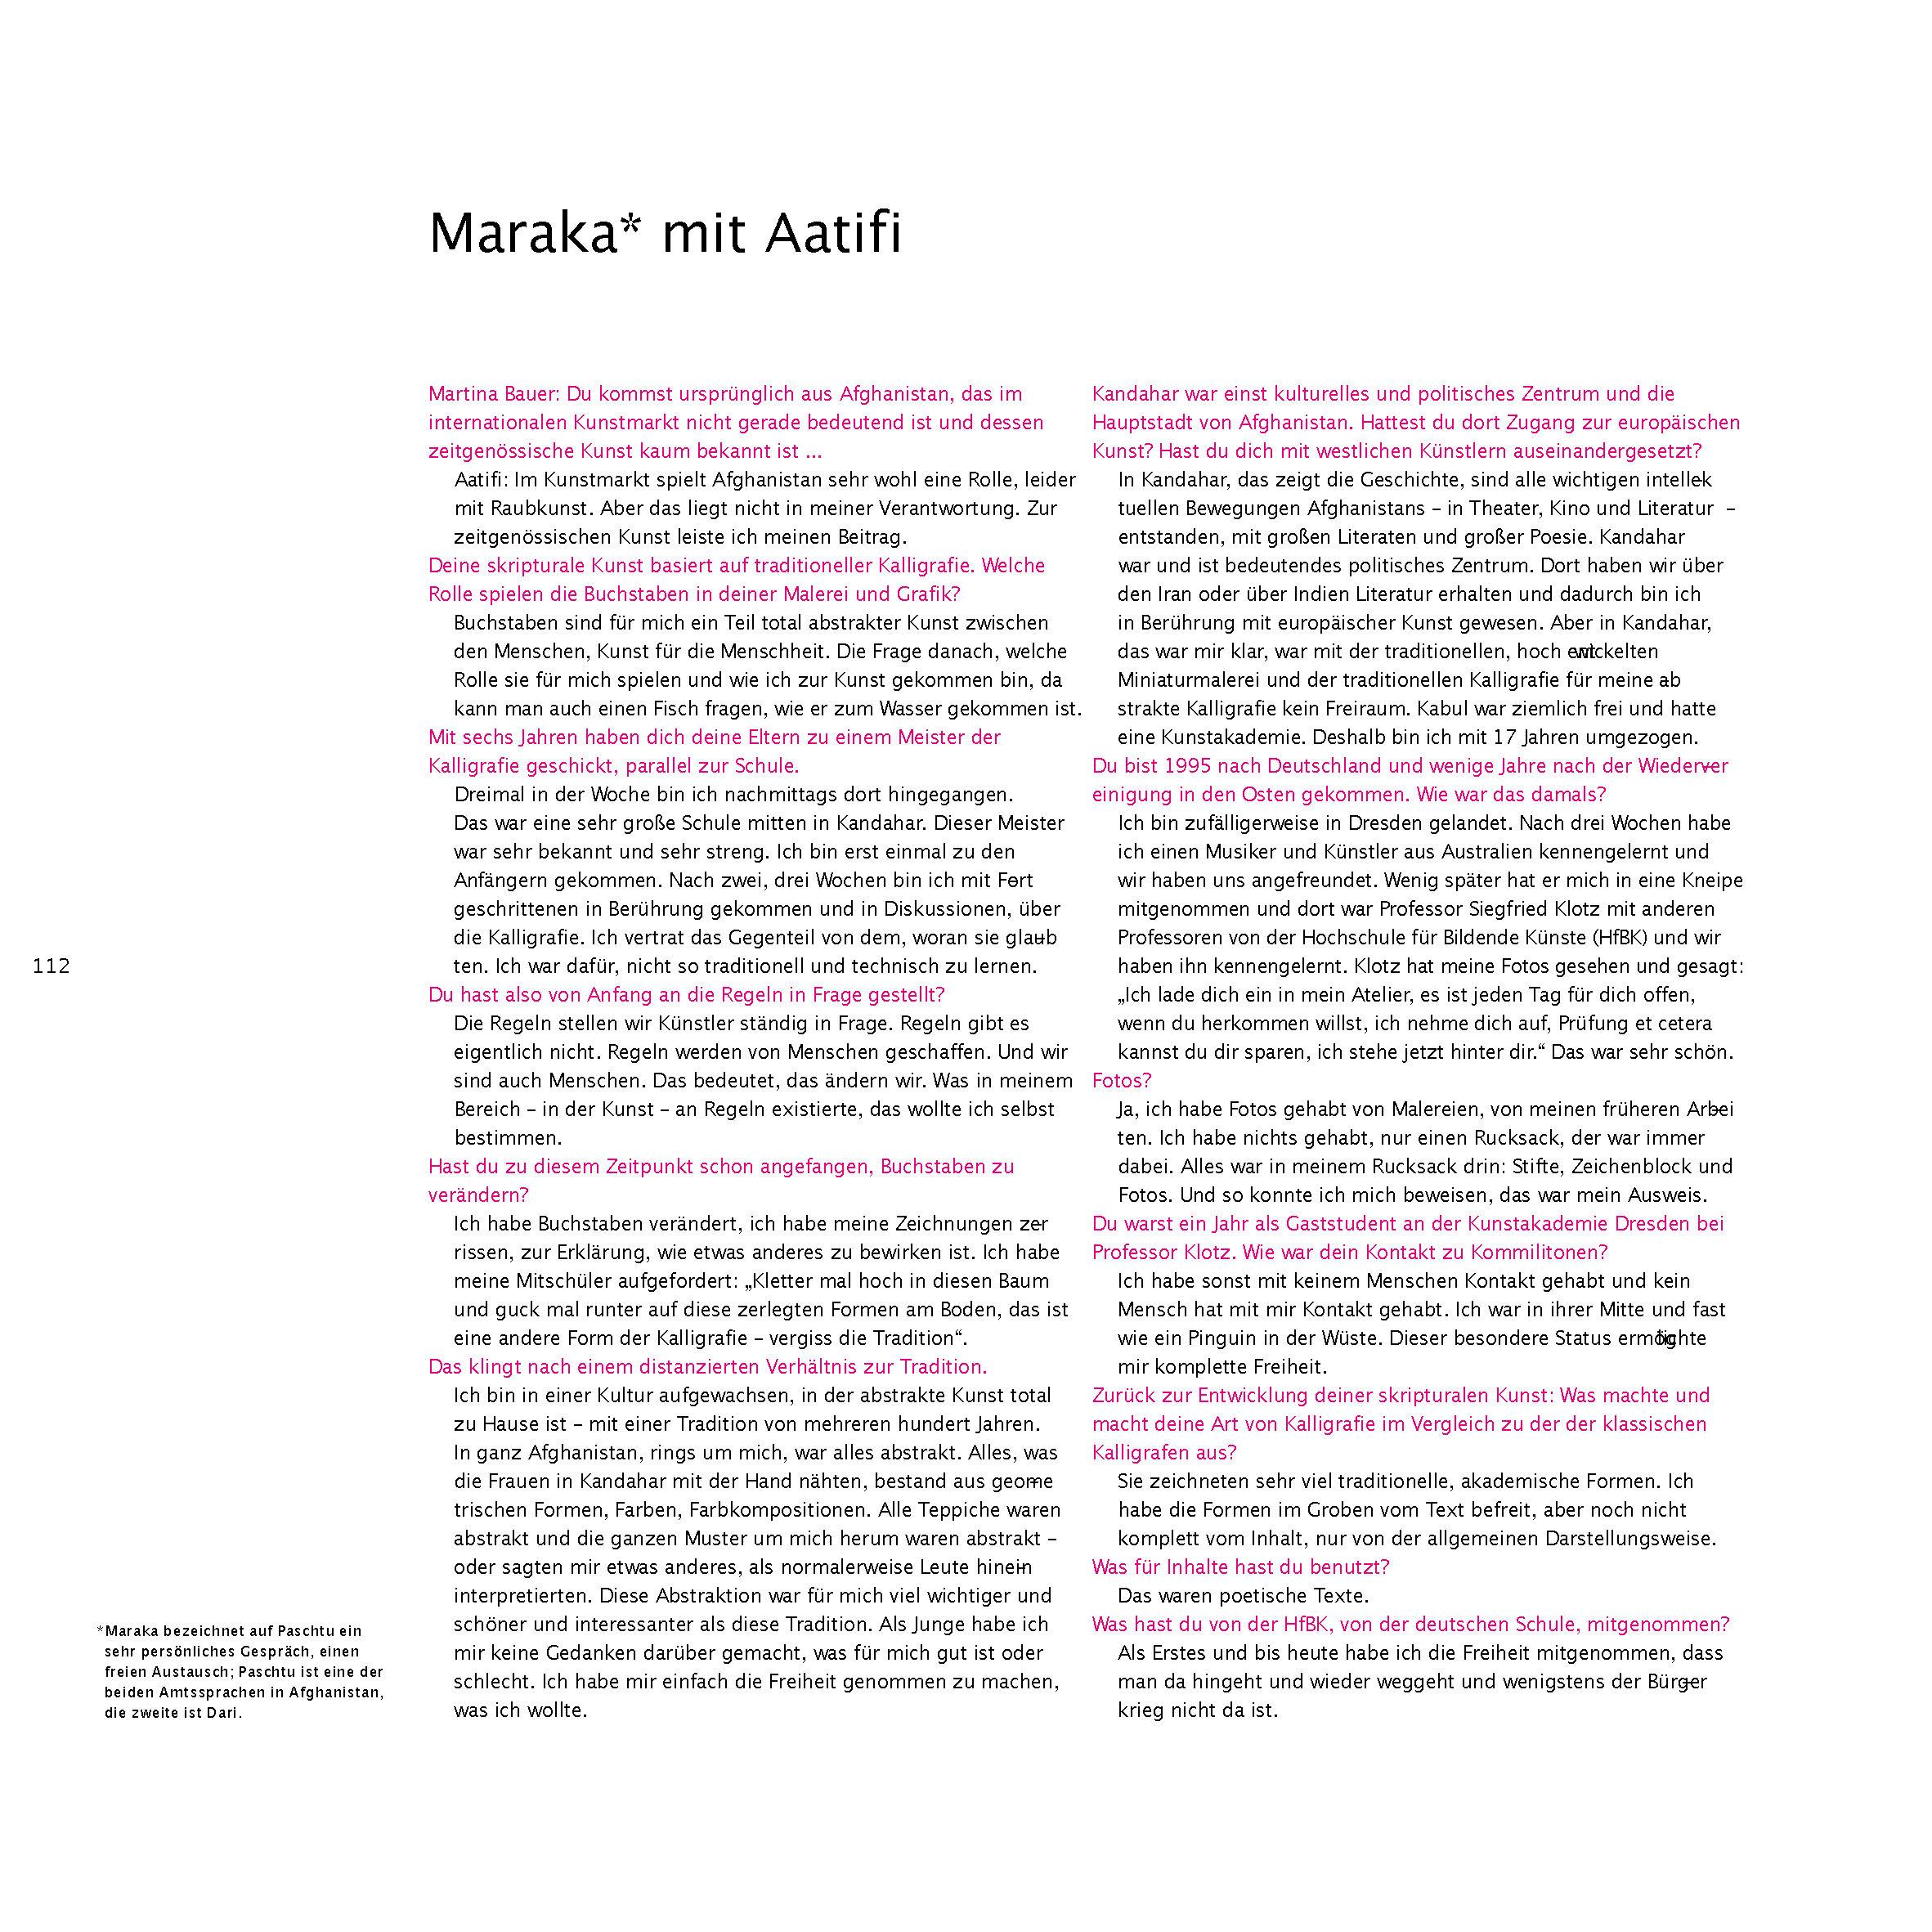 Aatifi Ausstellungskatalog Maraka with Aatifi deutsch